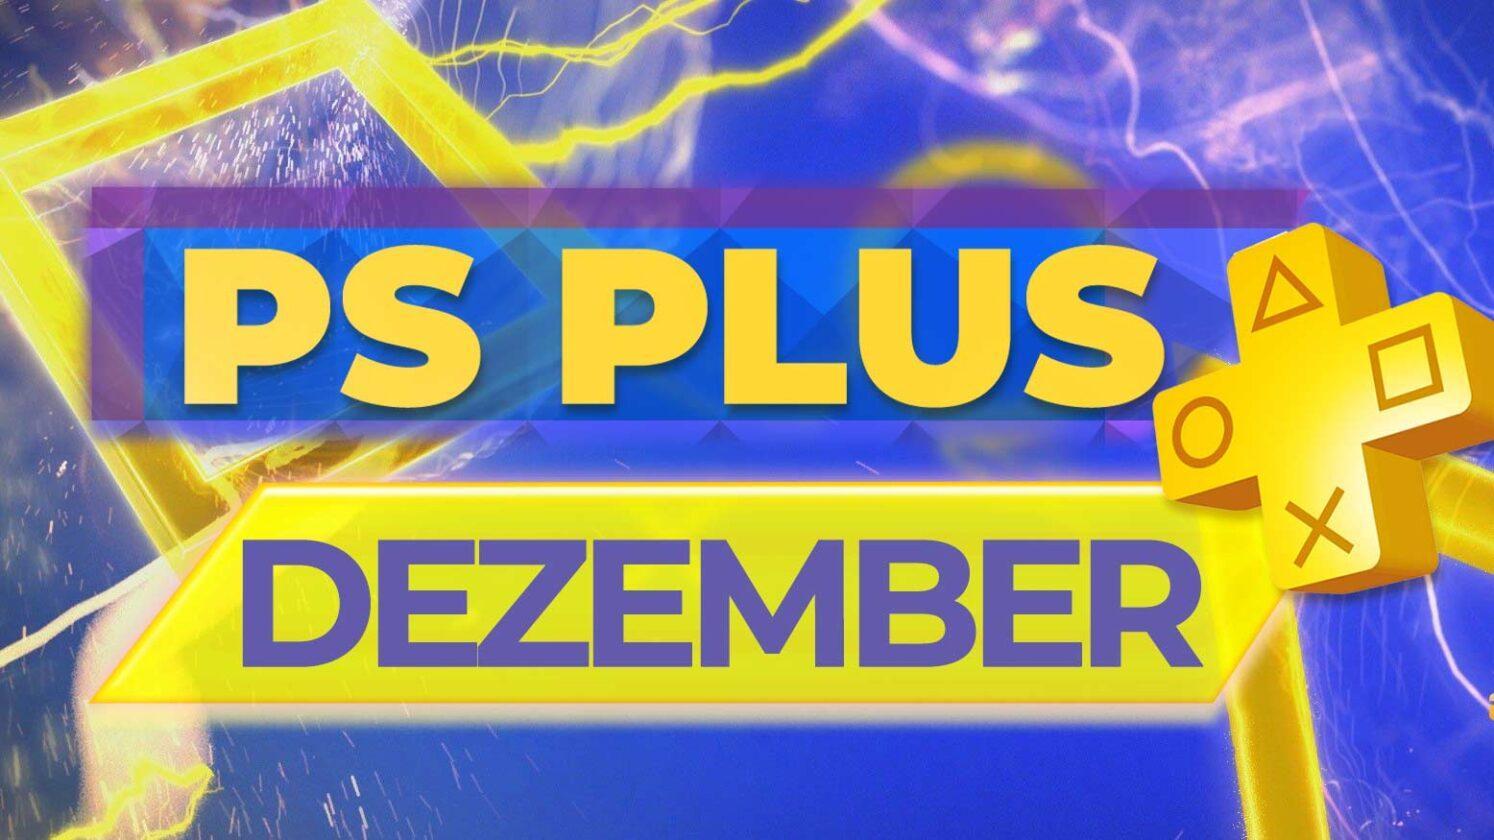 Les Jeux Ps Plus De Décembre 2020 Seront Dévoilés Mercredi